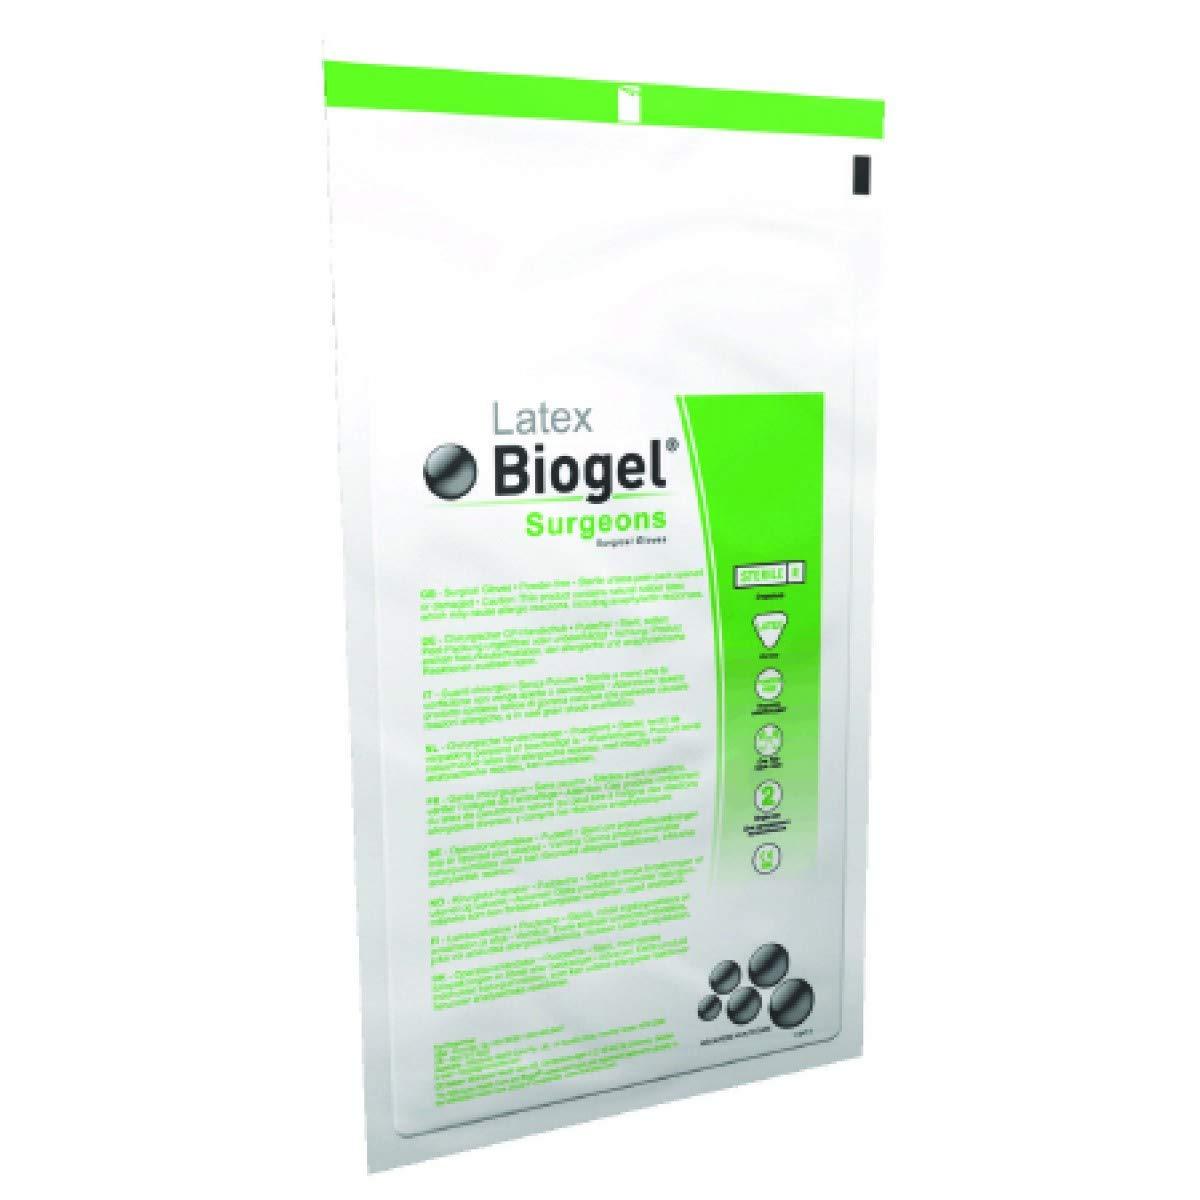 気質アップ Biogel Surgeons Gloves Powder - Latex (50 Powder Free Latex - Sterile - 7.0 (50 Pairs) by Biogel B015HF4Y9K, キッズアイテム namioto:89280ace --- efichas.com.br